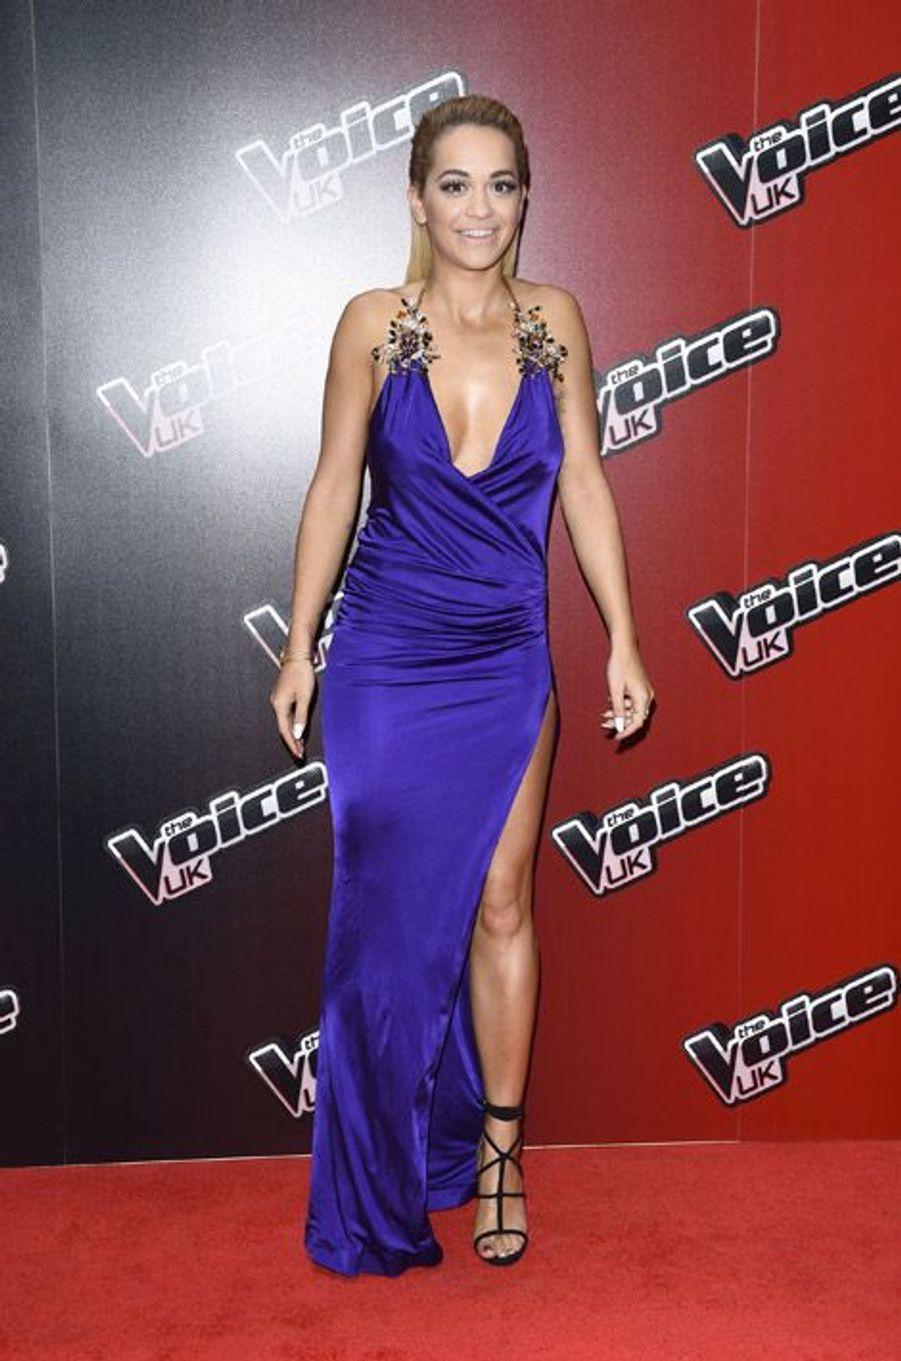 La chanteuse Rita Ora et membre du jury de l'édition britannique de The Voice, en Dsquared2 le 5 janvier 2015 à Londres